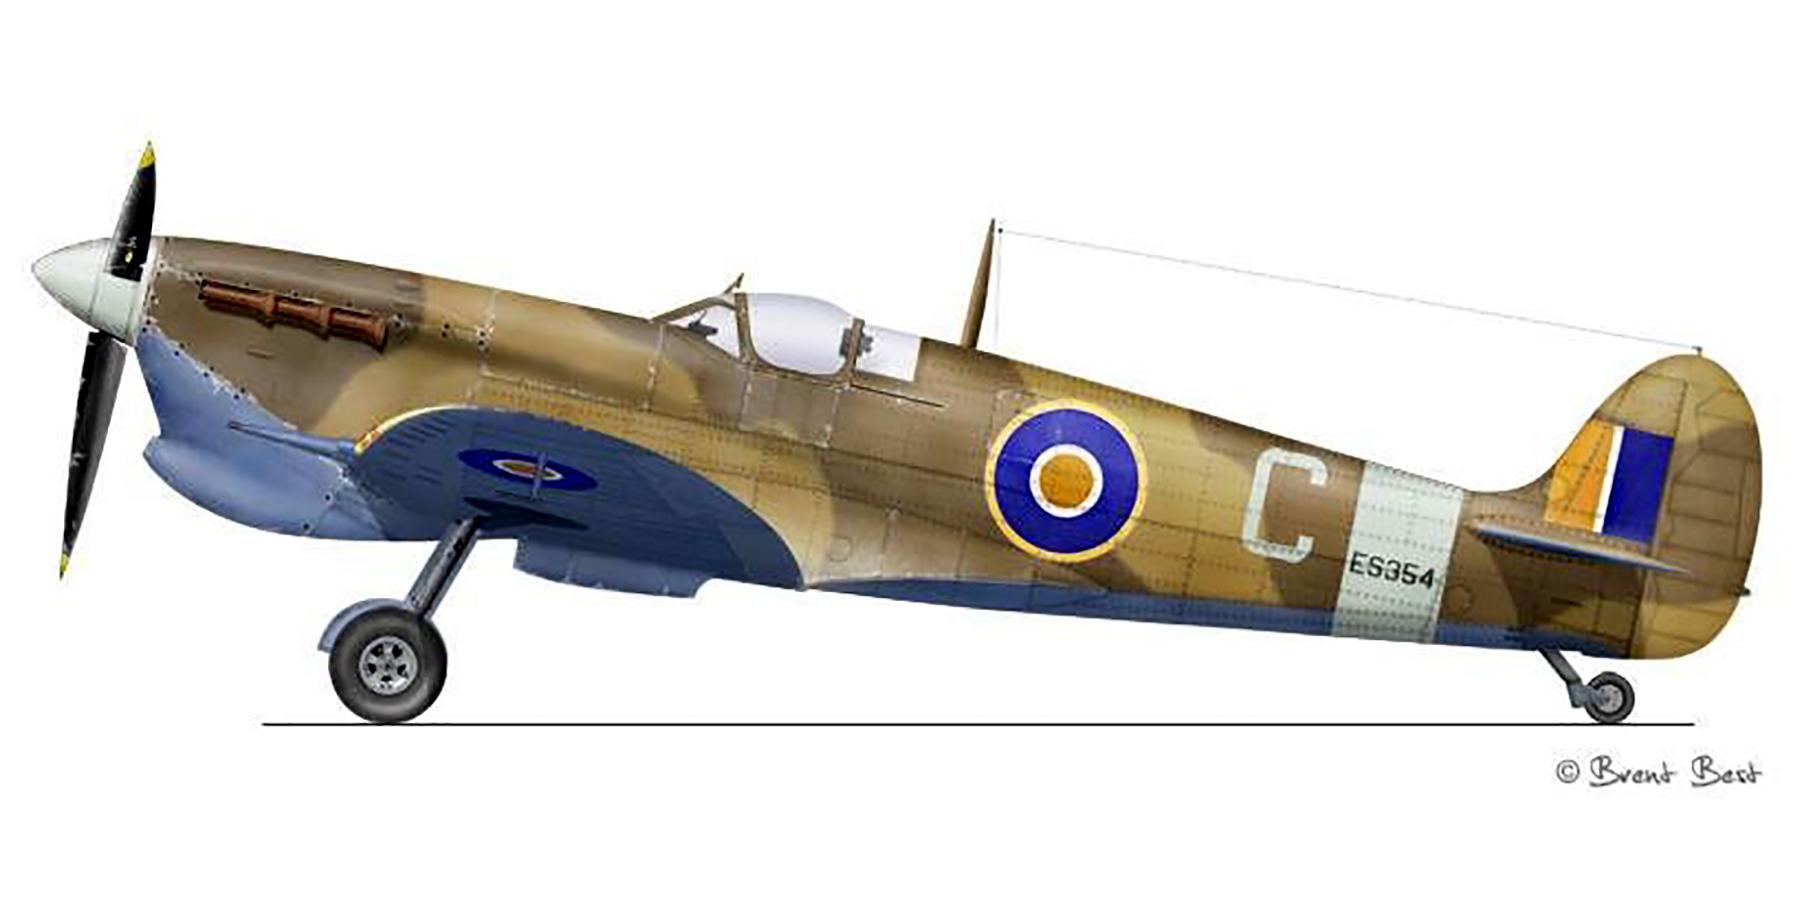 Spitfire MkVcTrop SAAF 9Sqn C ES354 El Gamil Egypt Jun 1944 0B